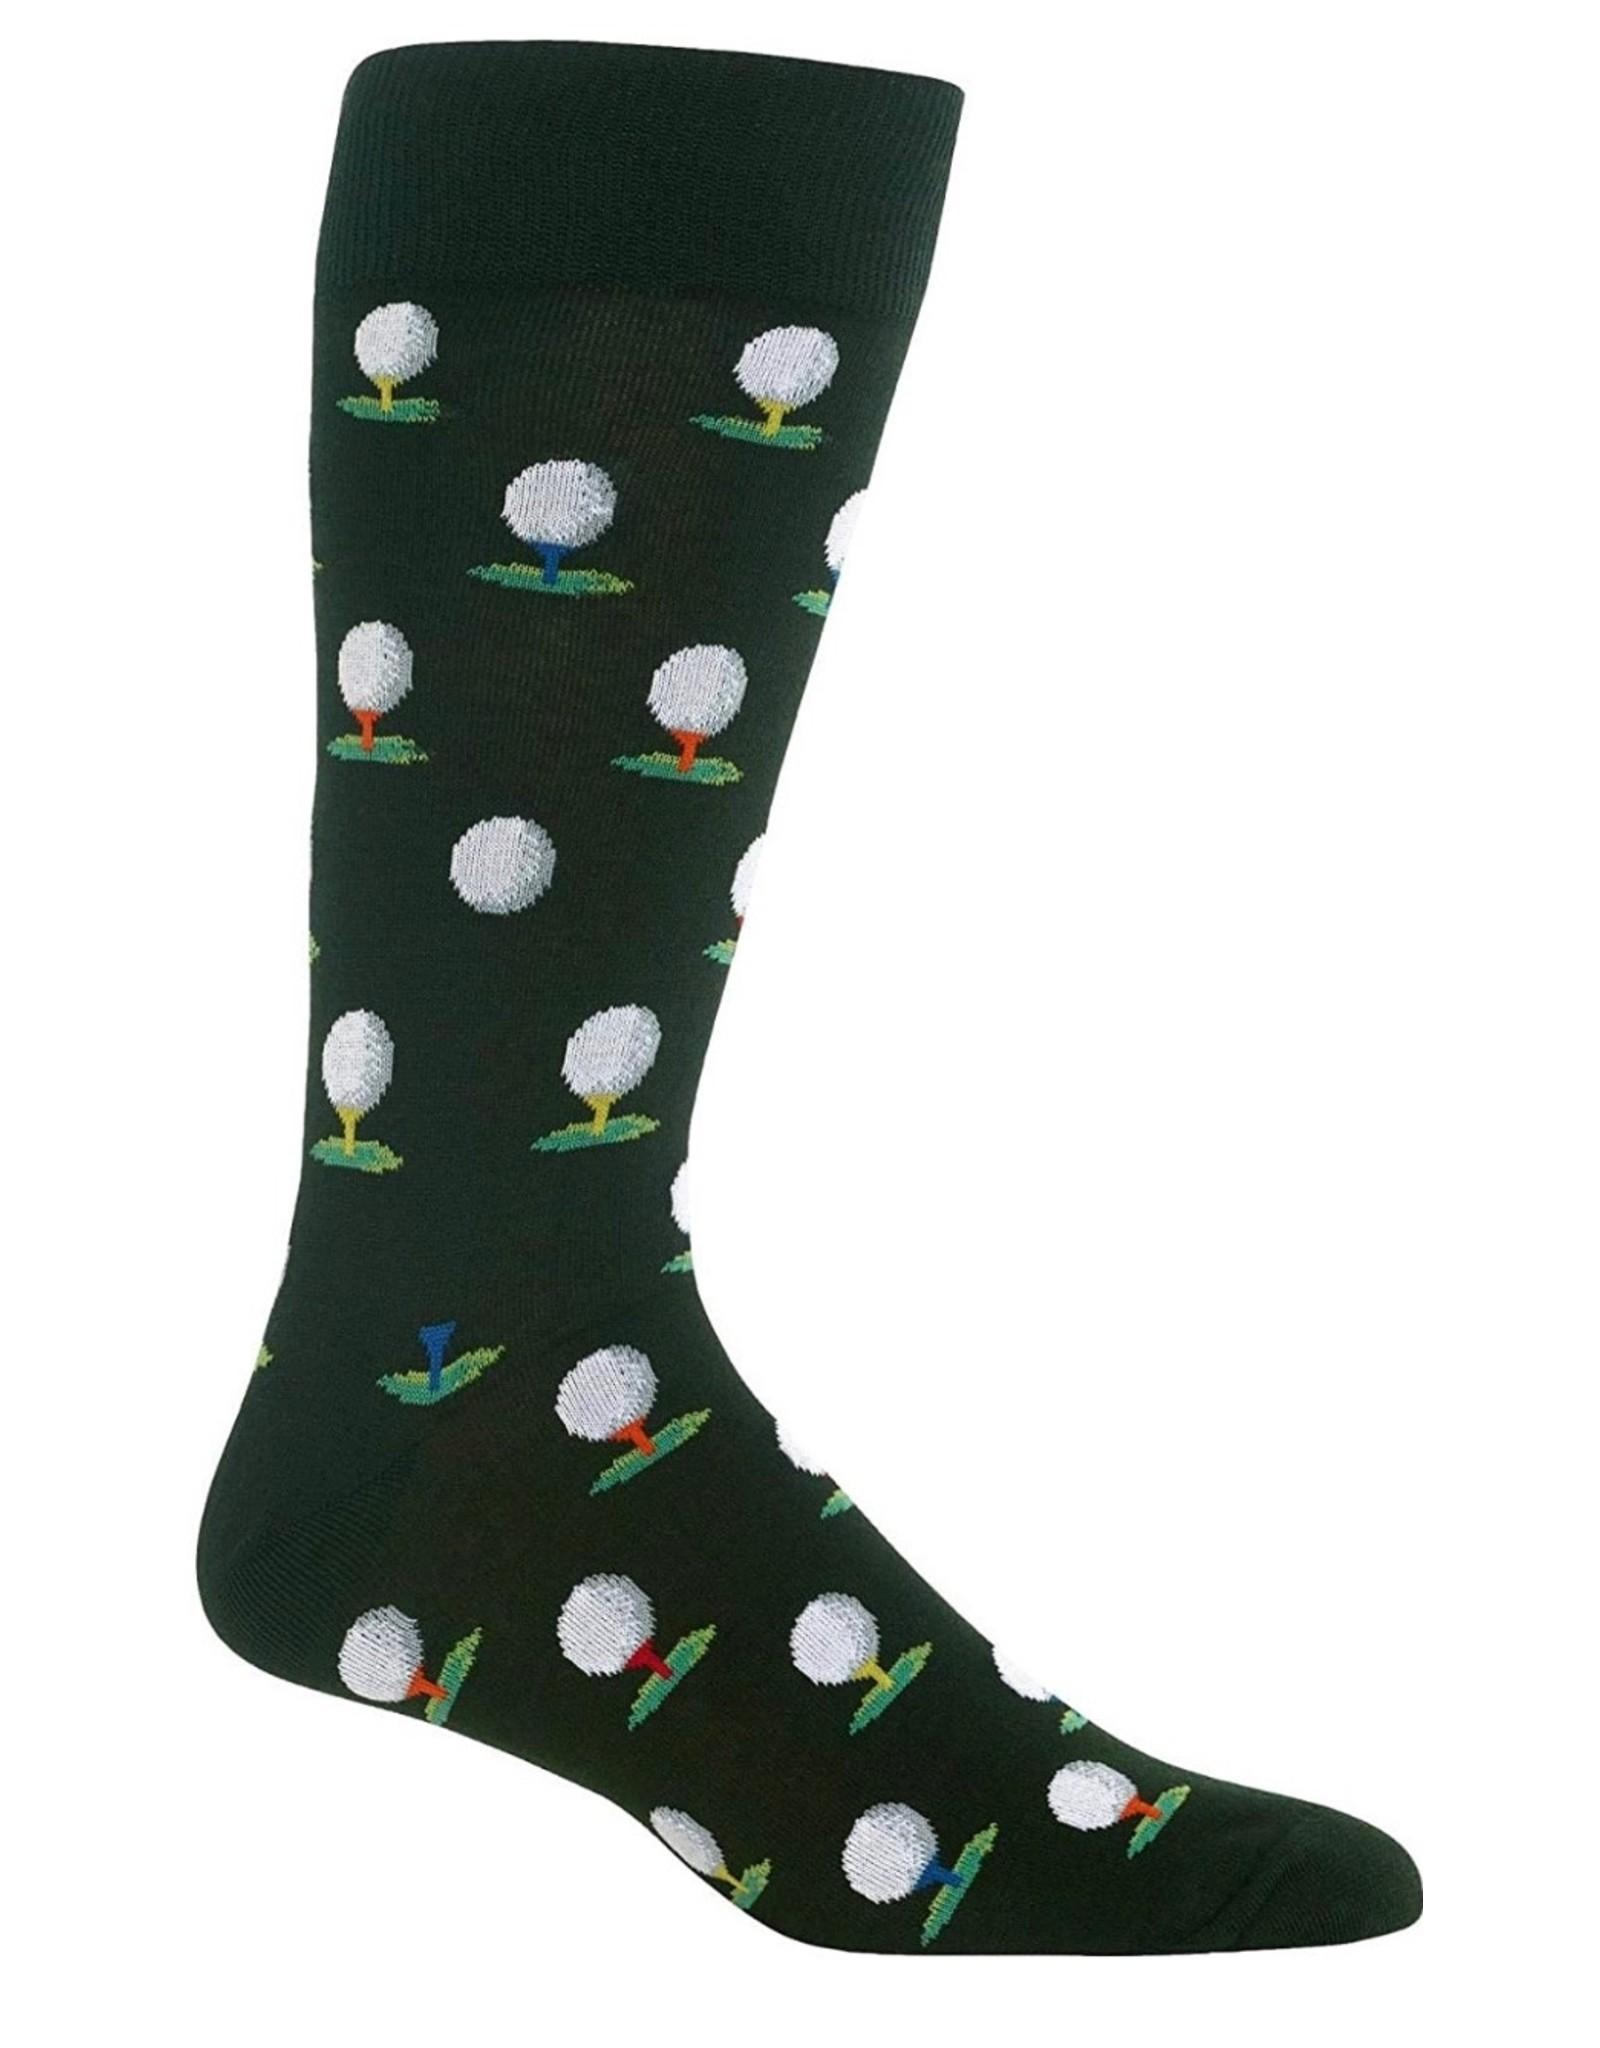 Hotsox Hotsox Men's Golf Crew Sock HSM10014